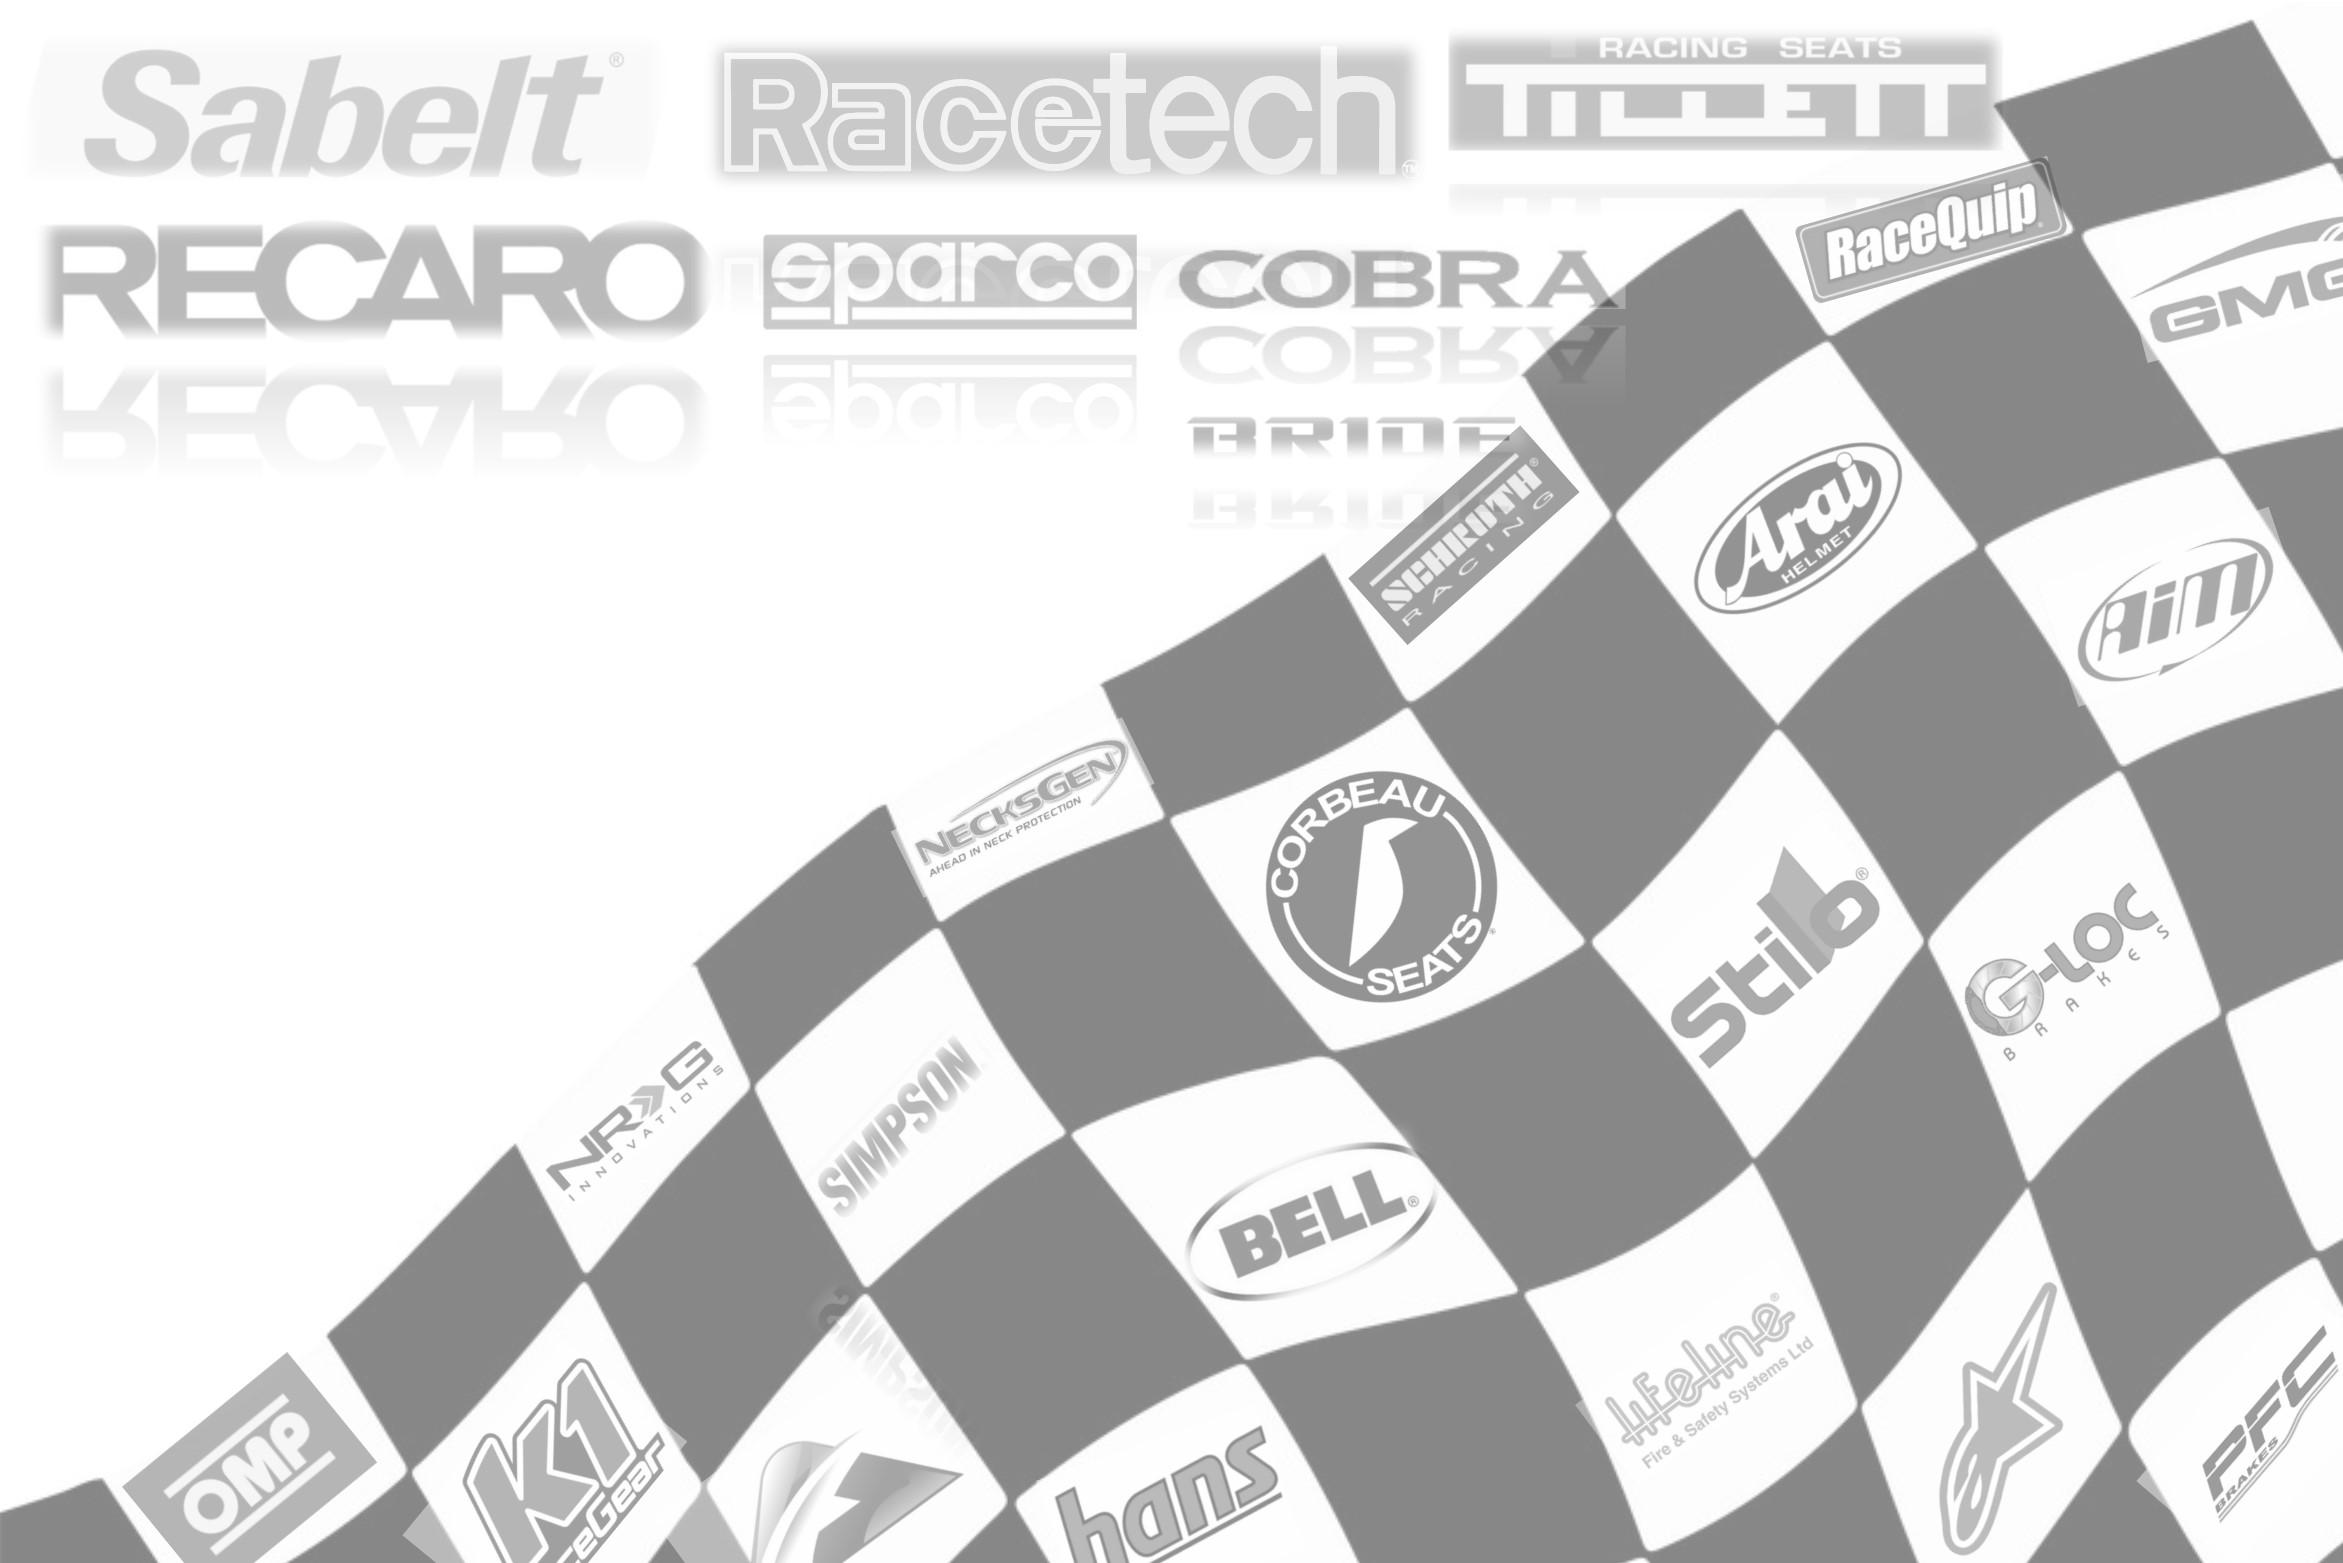 checkered flag 1.jpg